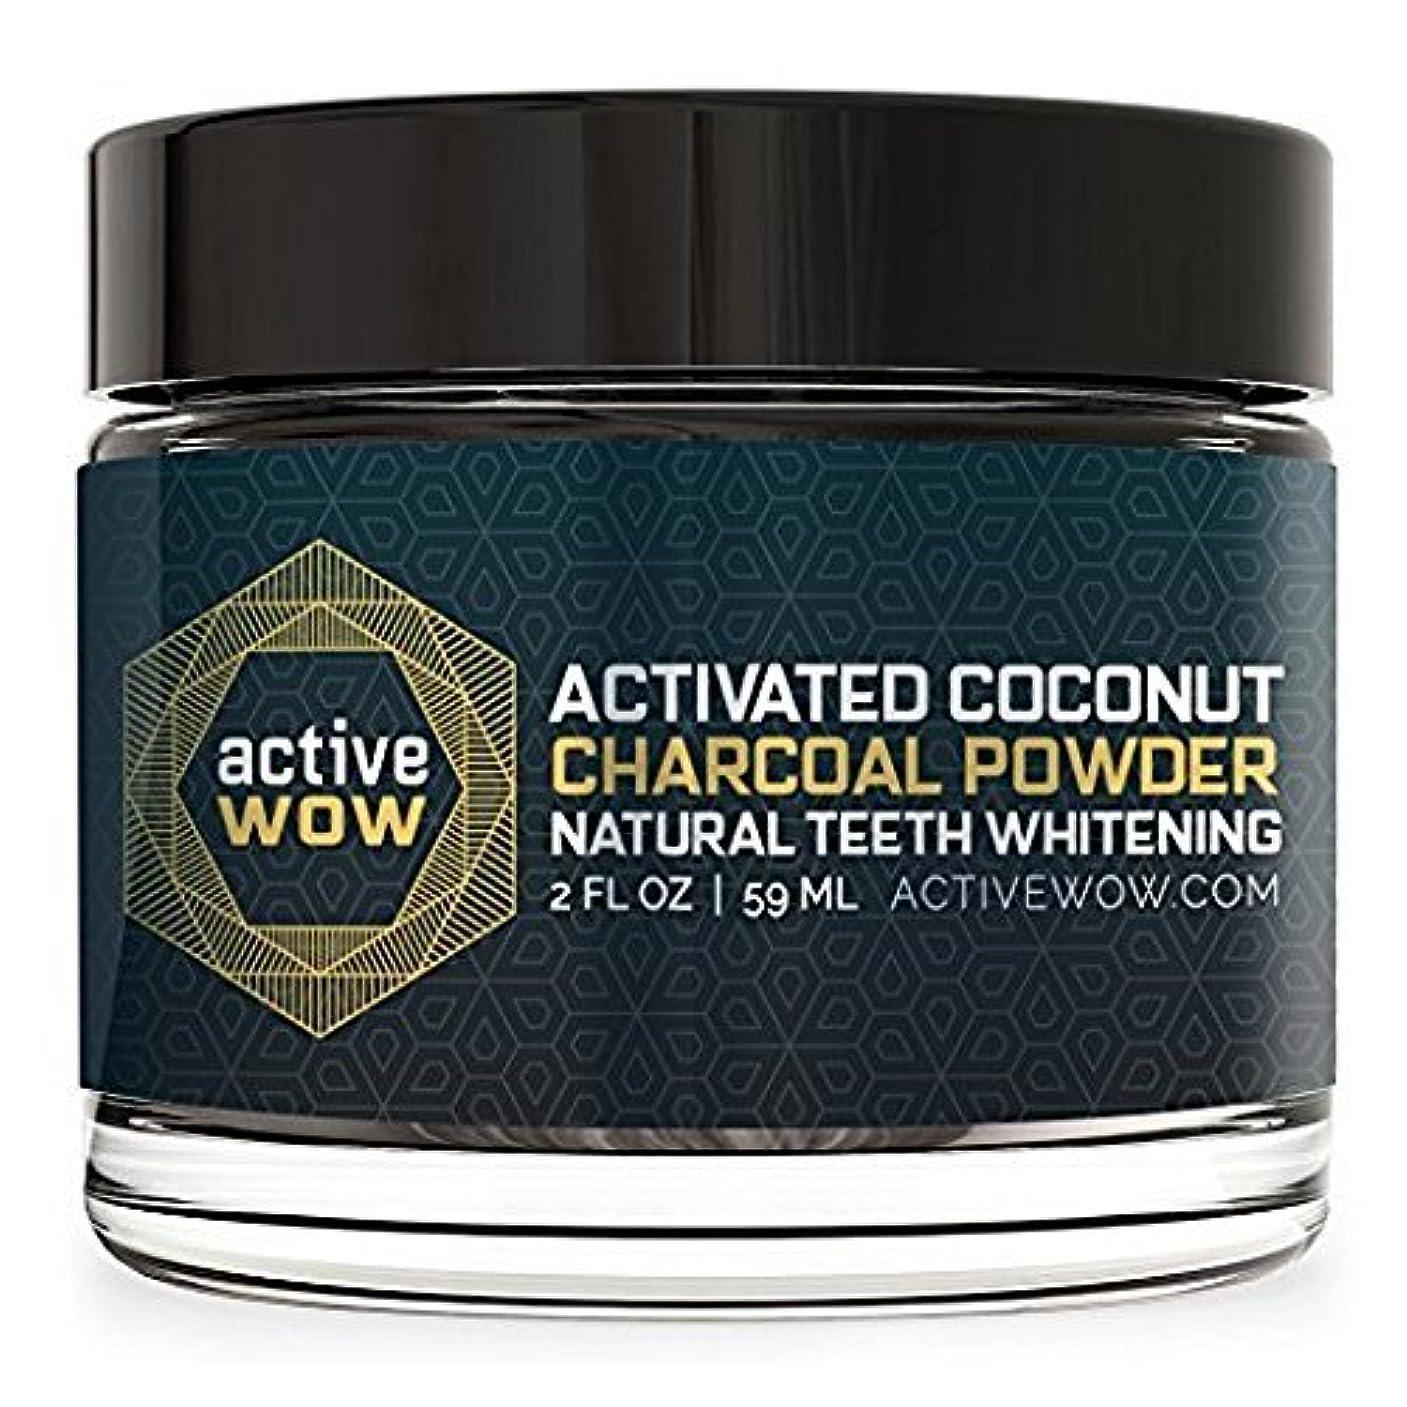 手を差し伸べる鼓舞する中性アメリカで売れている 炭パウダー歯のホワイトニング Teeth Whitening Charcoal Powder Natural [並行輸入品]